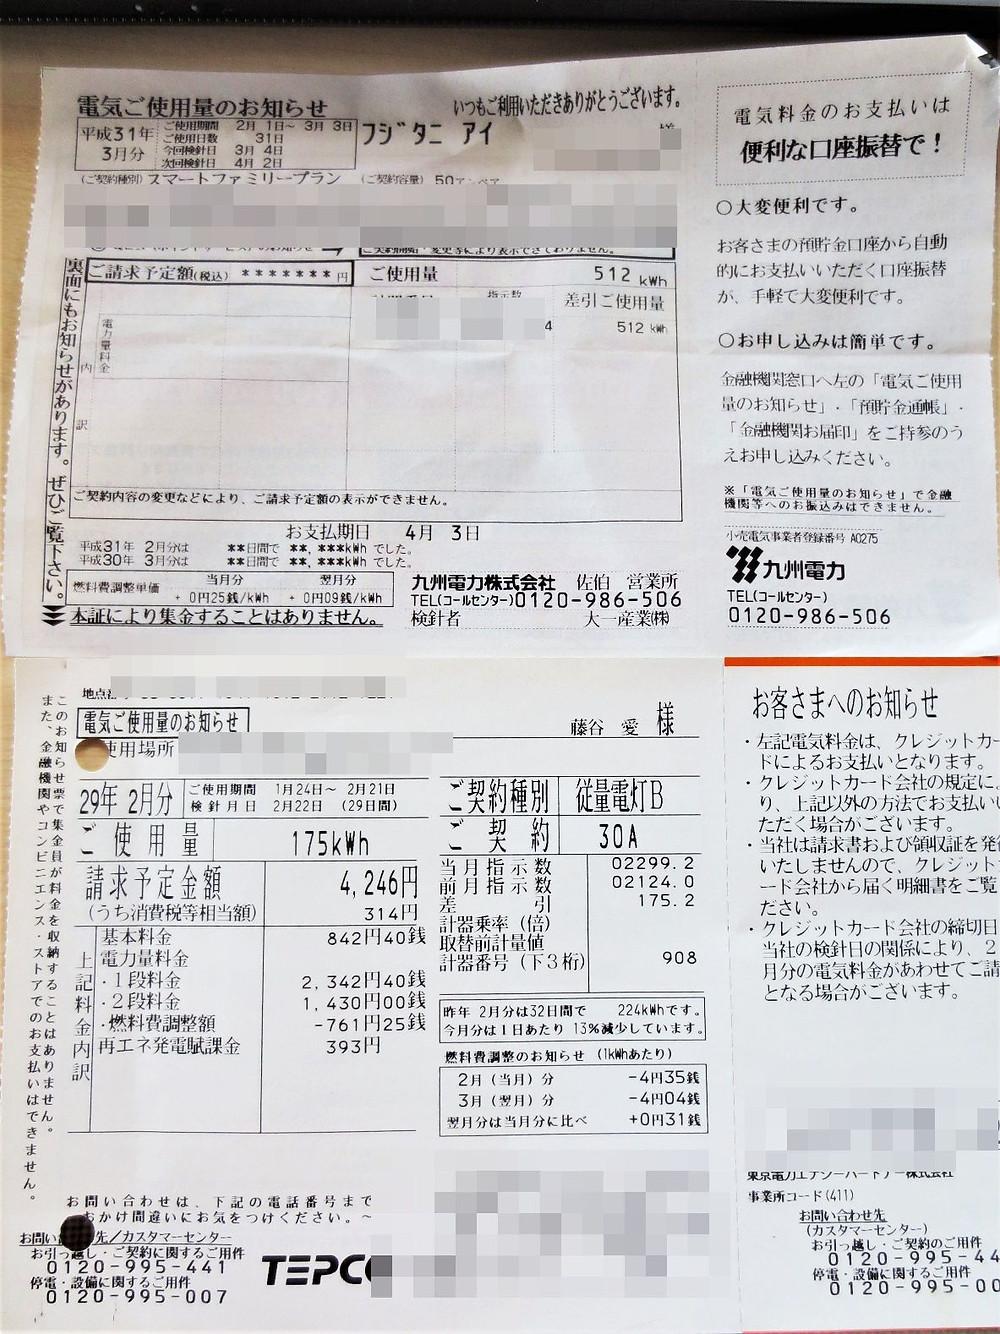 九州電力と東京電力の請求書